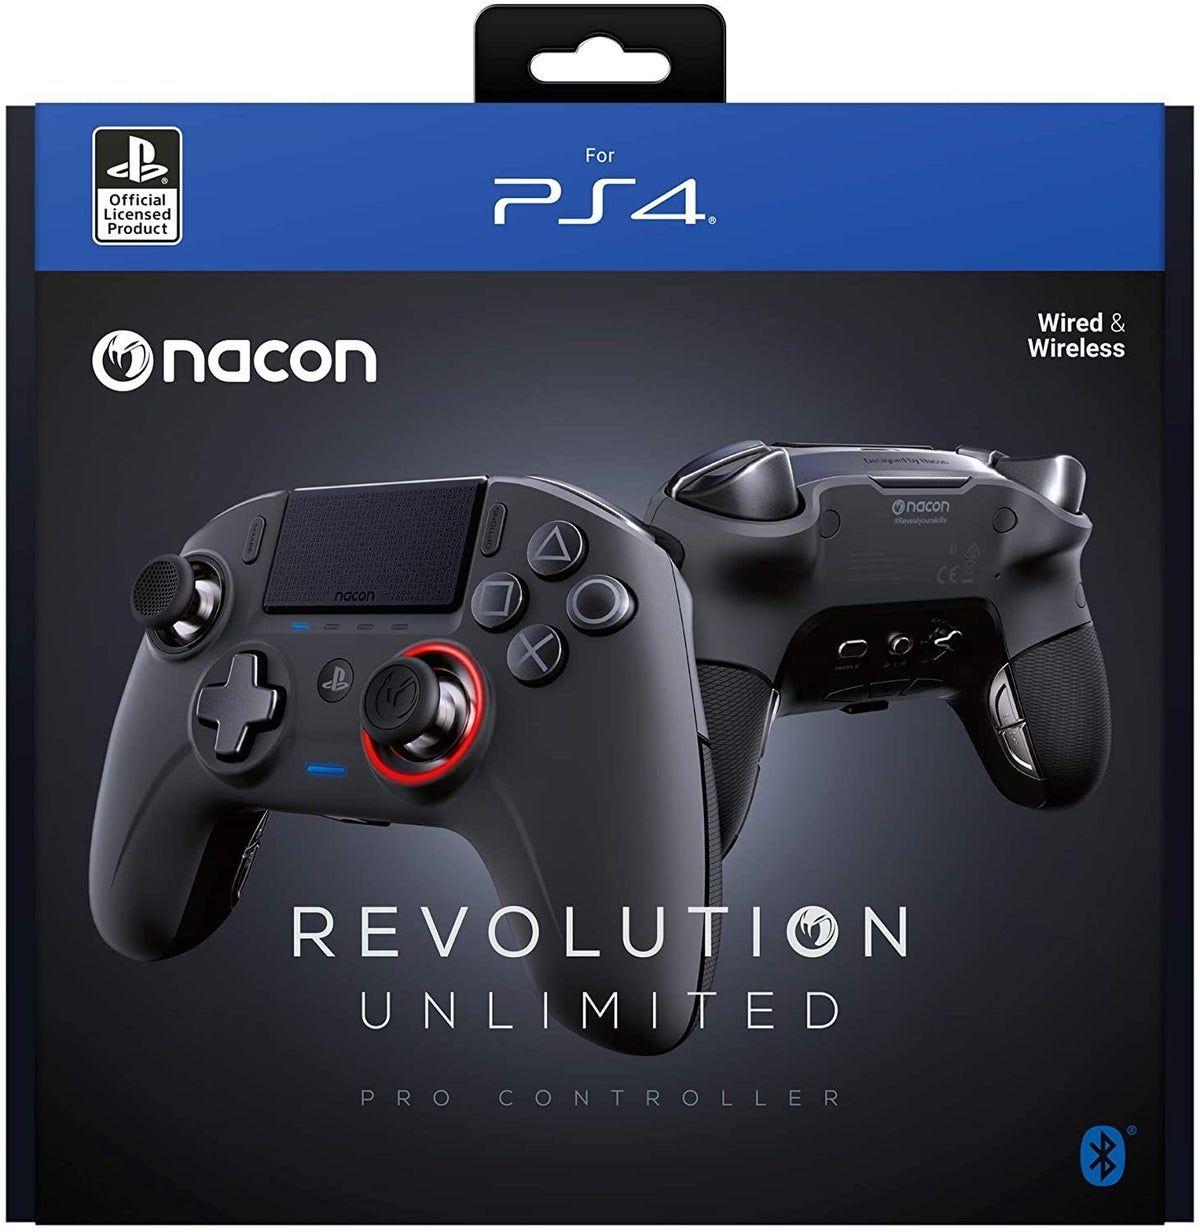 Nacon Revolution Unlimited Pro Controlle In 2020 Game Controller Ps4 Pro Controller Wireless Controller Heute kläre ich die frage, für wen eignet sich der nacon revolution pro controller. pinterest